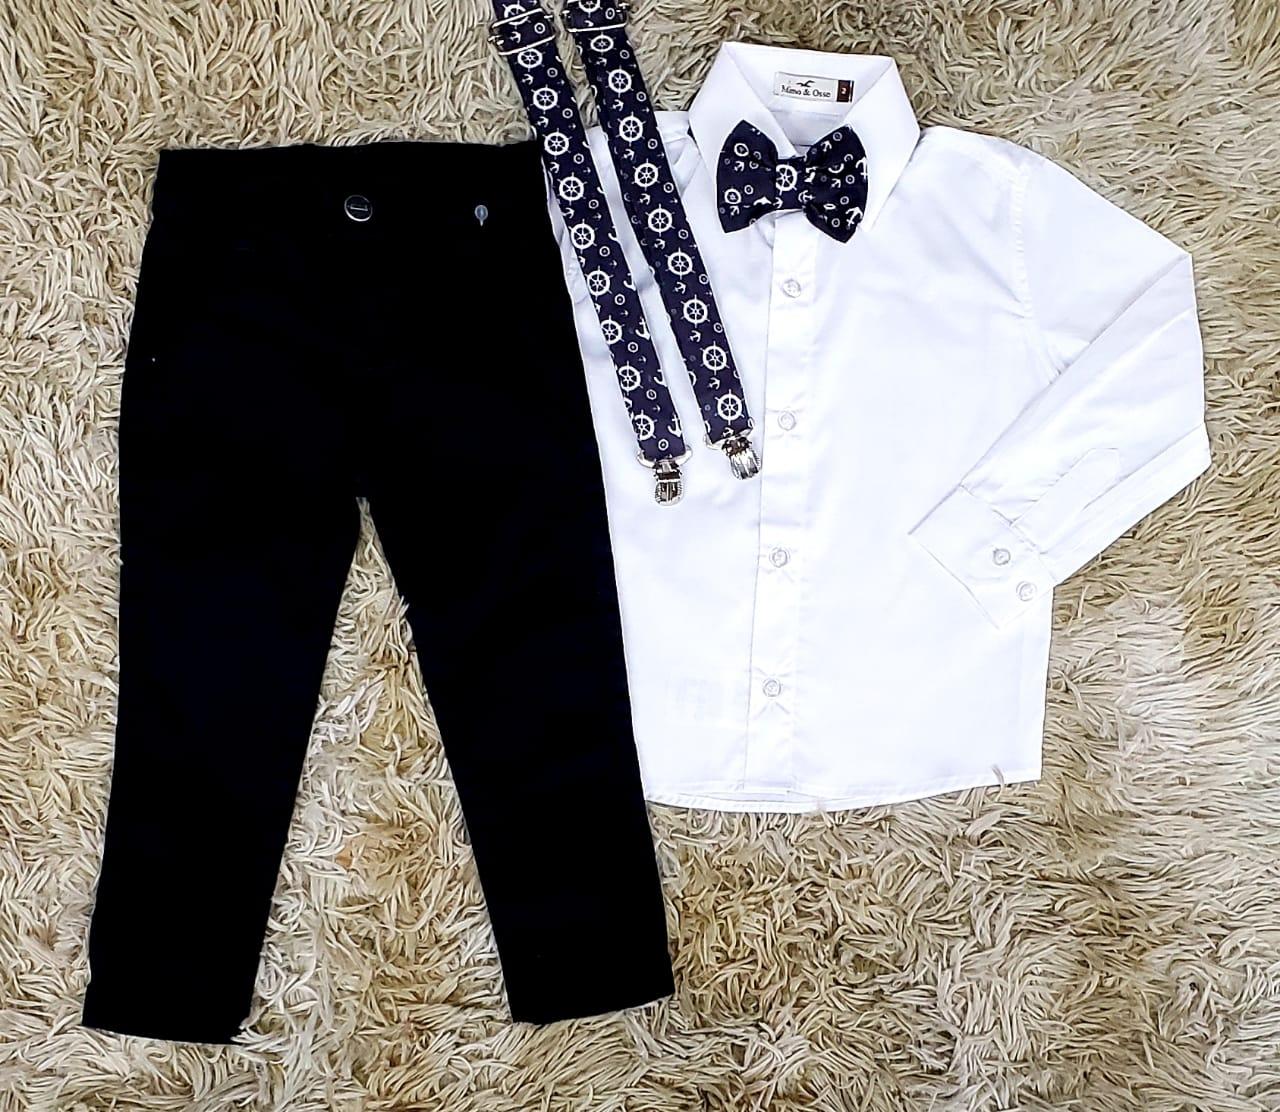 Calça Preta e Camisa Social Manga Longa com Suspensório e Gravata